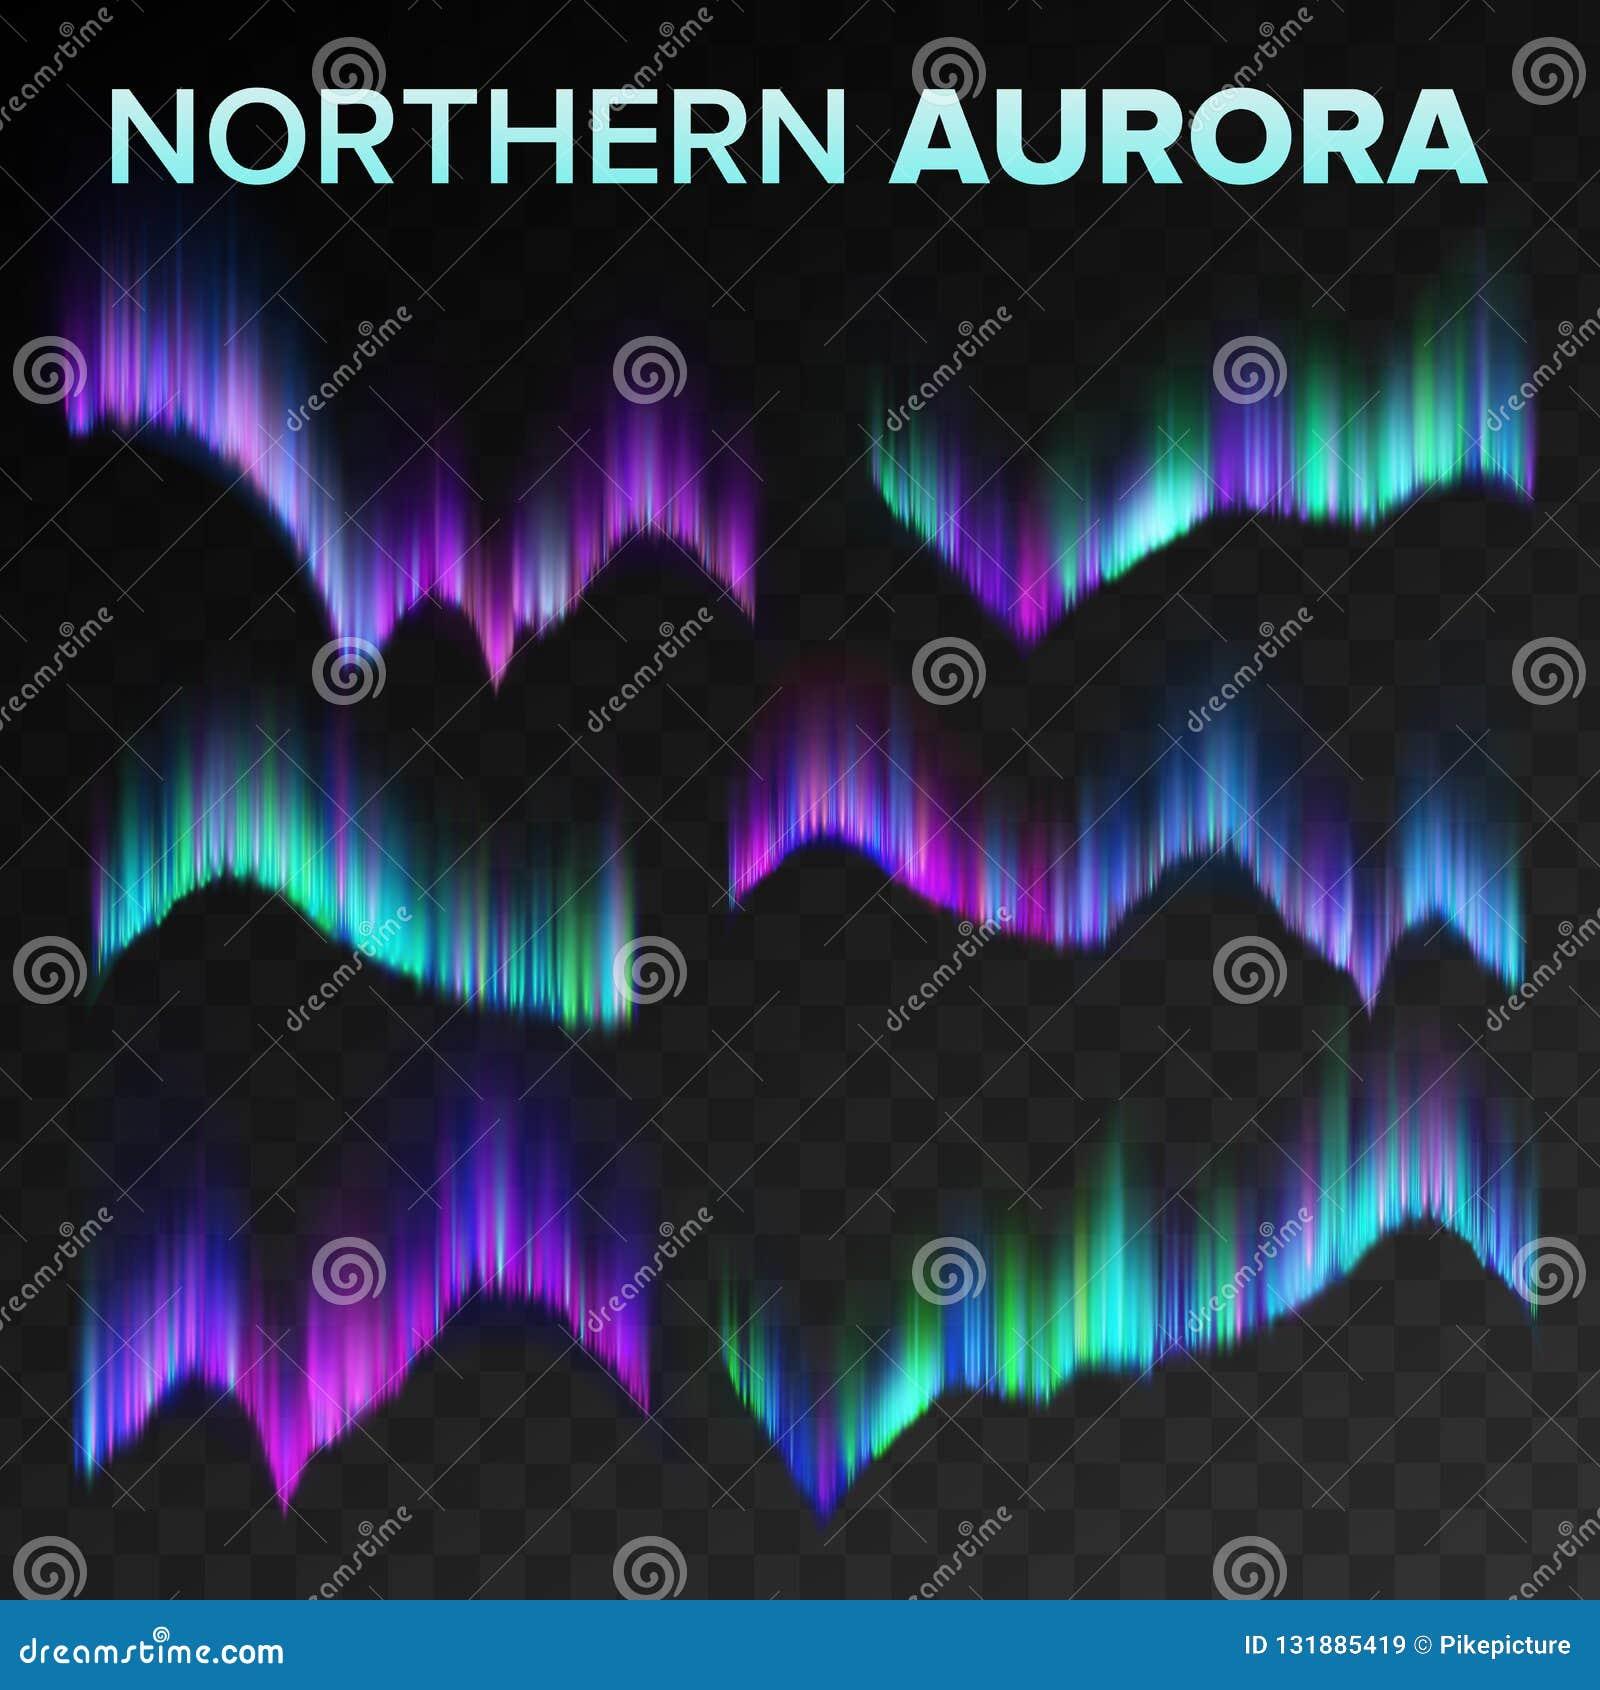 Βόρειο καθορισμένο διάνυσμα αυγής Πολικό λαμπρό μαγικό φαινόμενο νύχτας ουρανού Μαύρο διαφανές υπόβαθρο Αφηρημένη αυγή